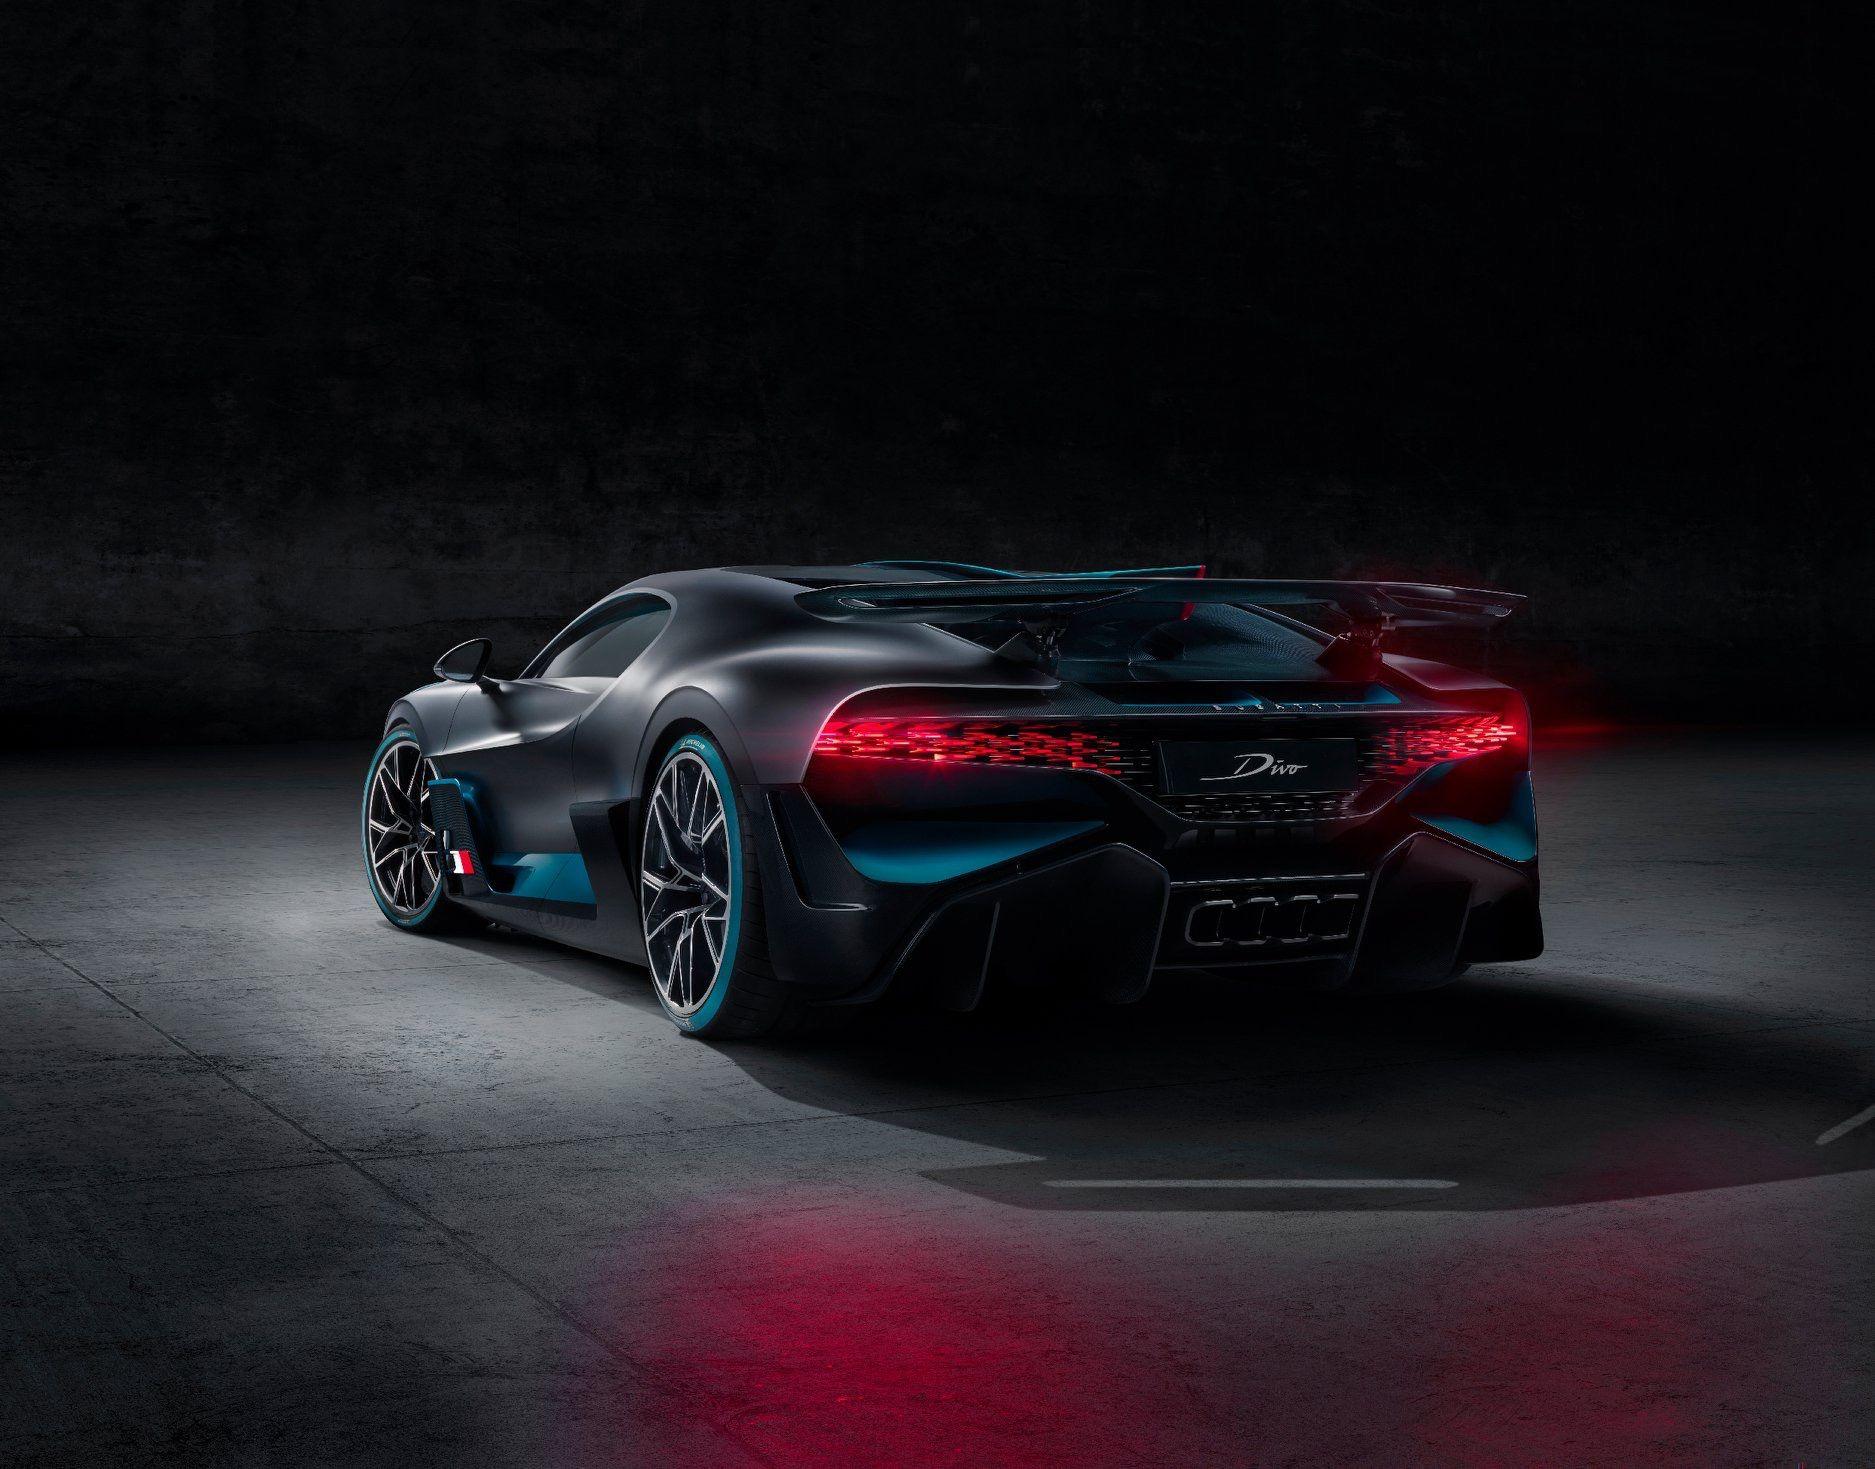 Bugatti Divo Bugatti Cars Sports Car Super Sport Cars